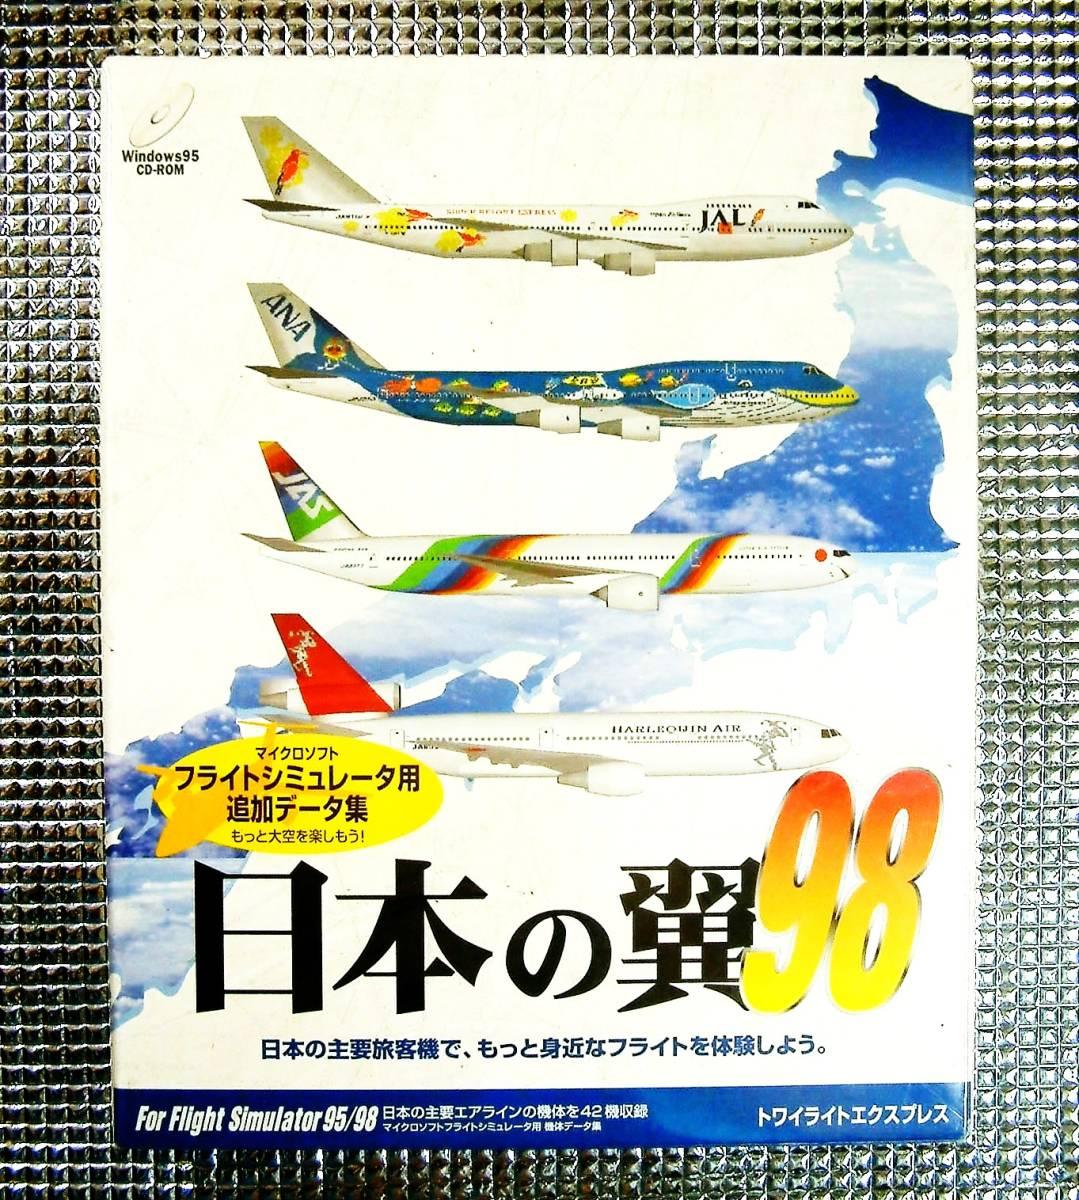 【4138】トワイライトエクスプレス 日本の翼98 新品 フライトシミュレータ(Microsoft Flight Simulator)用エアライン機体データ集 旅客機